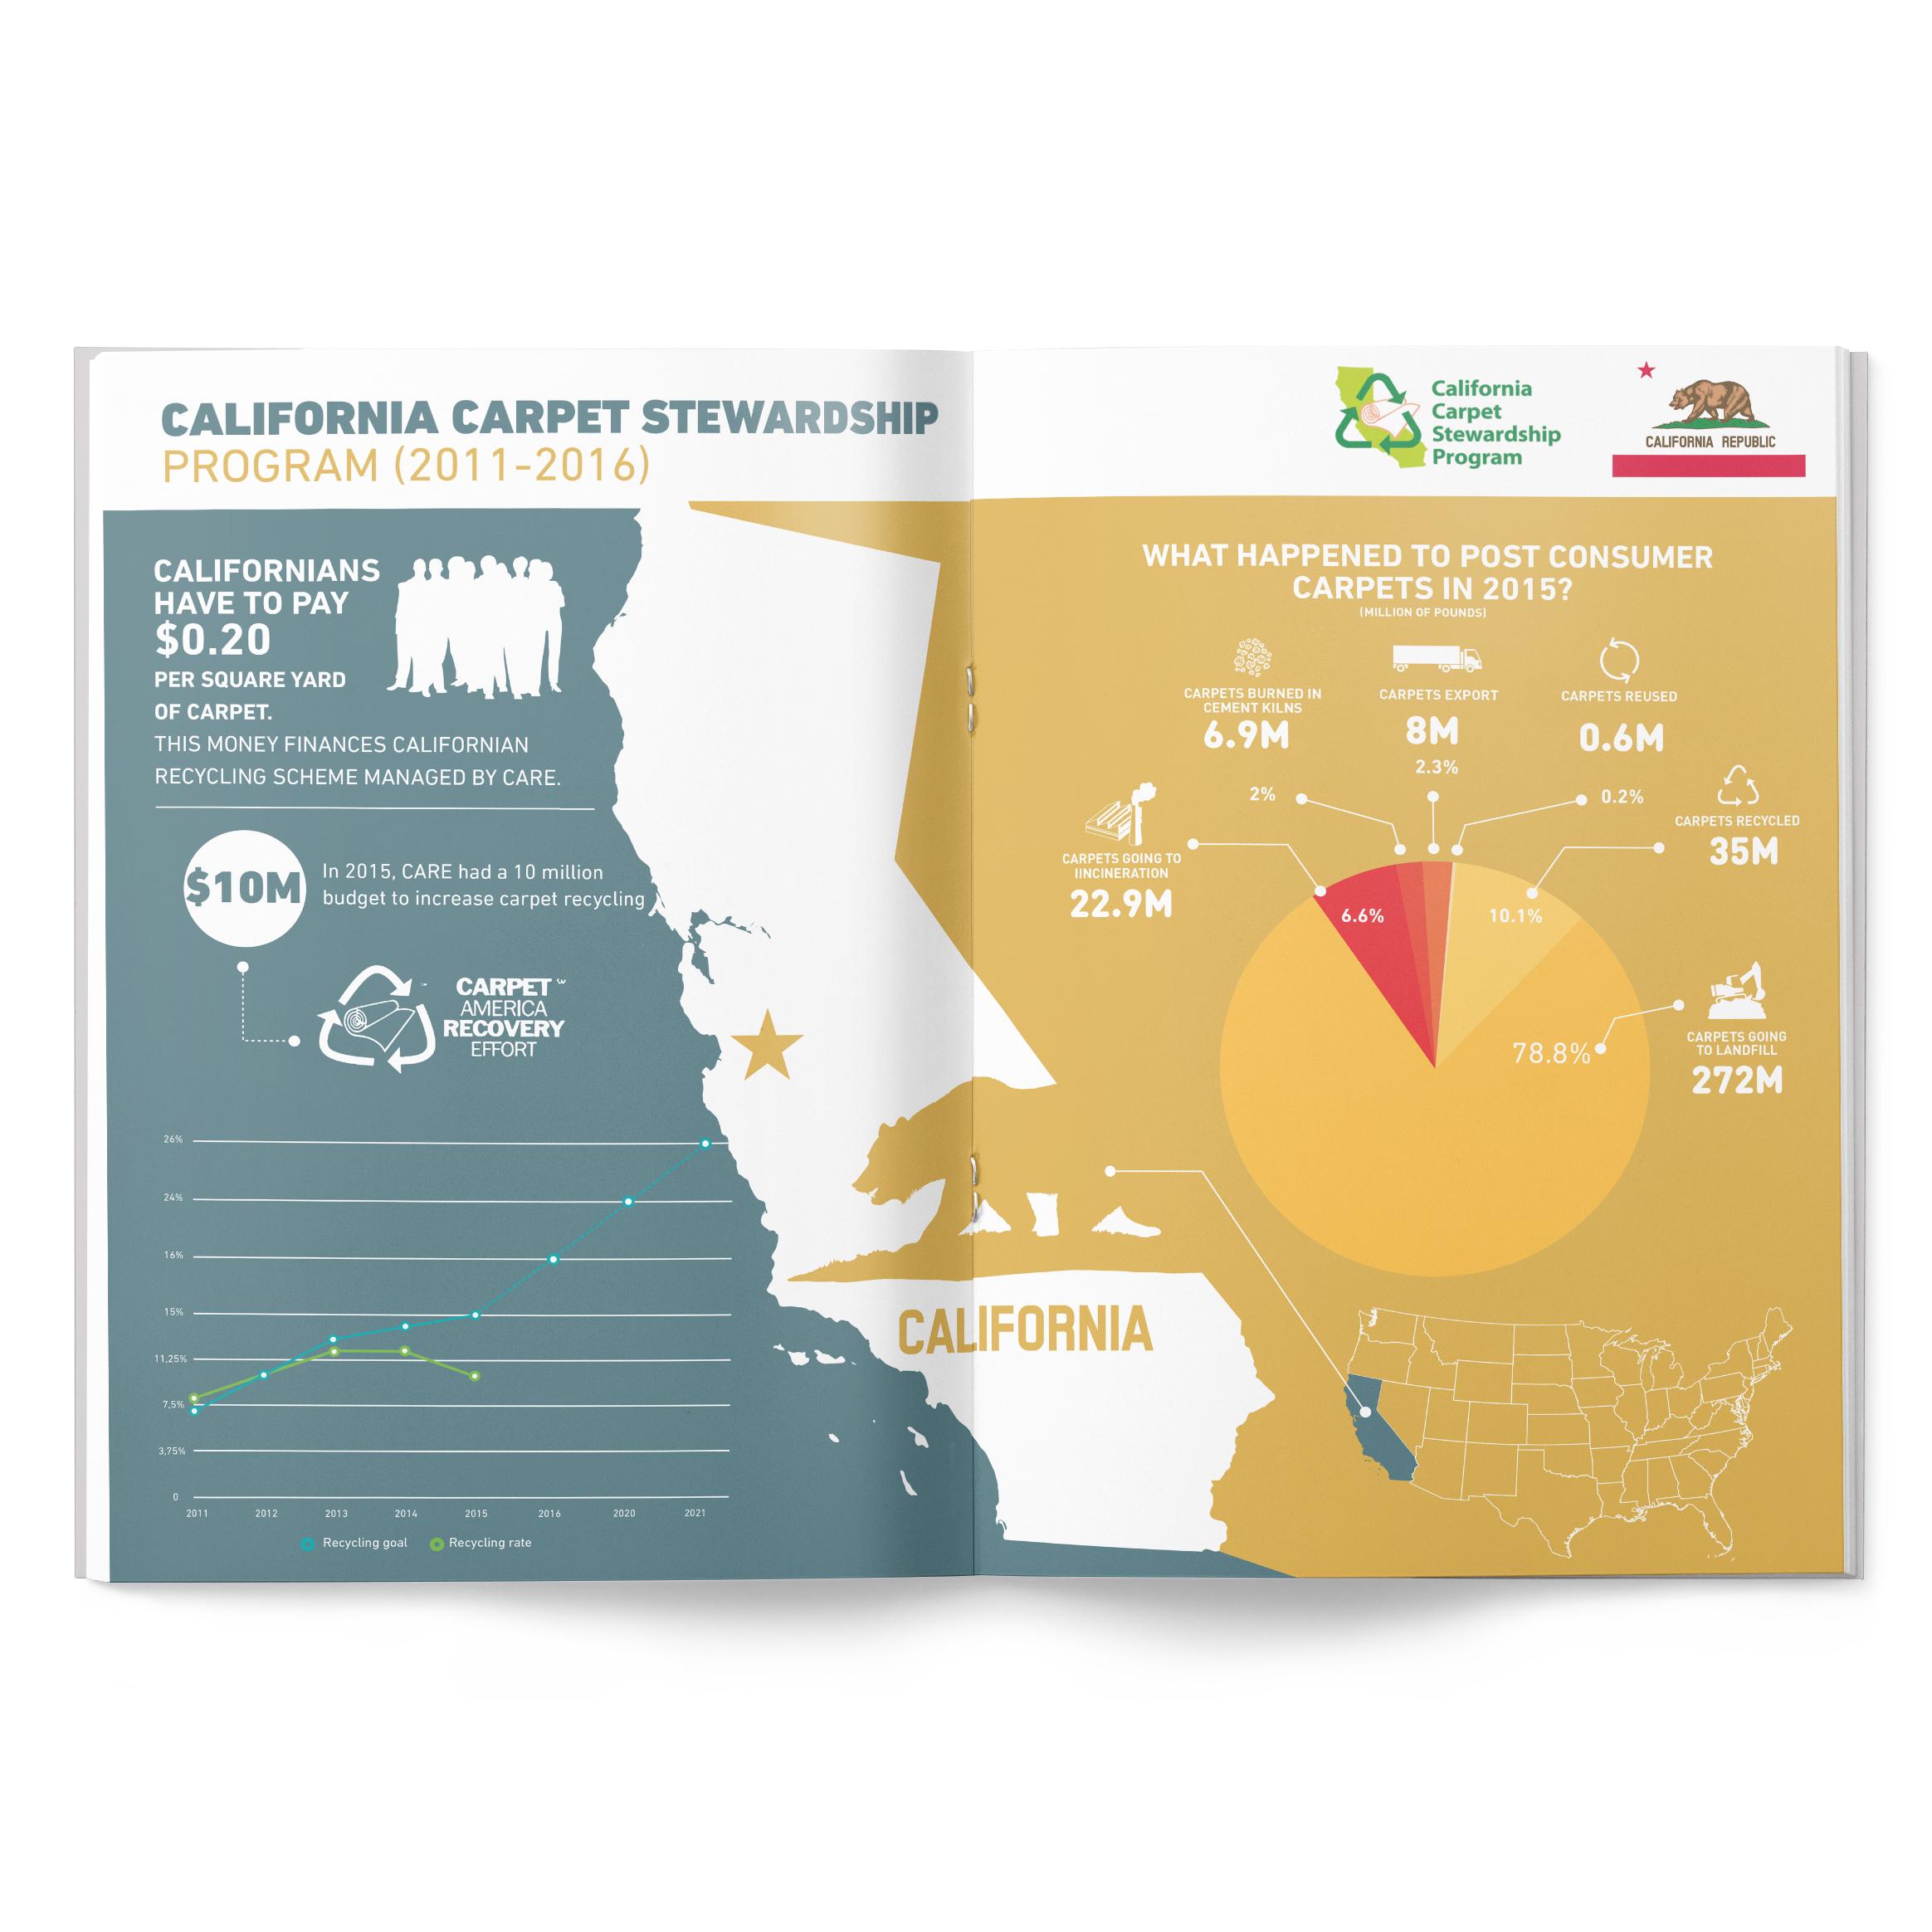 CM-CALIFORNIA-CARPET-STEWARDSHIP.jpg